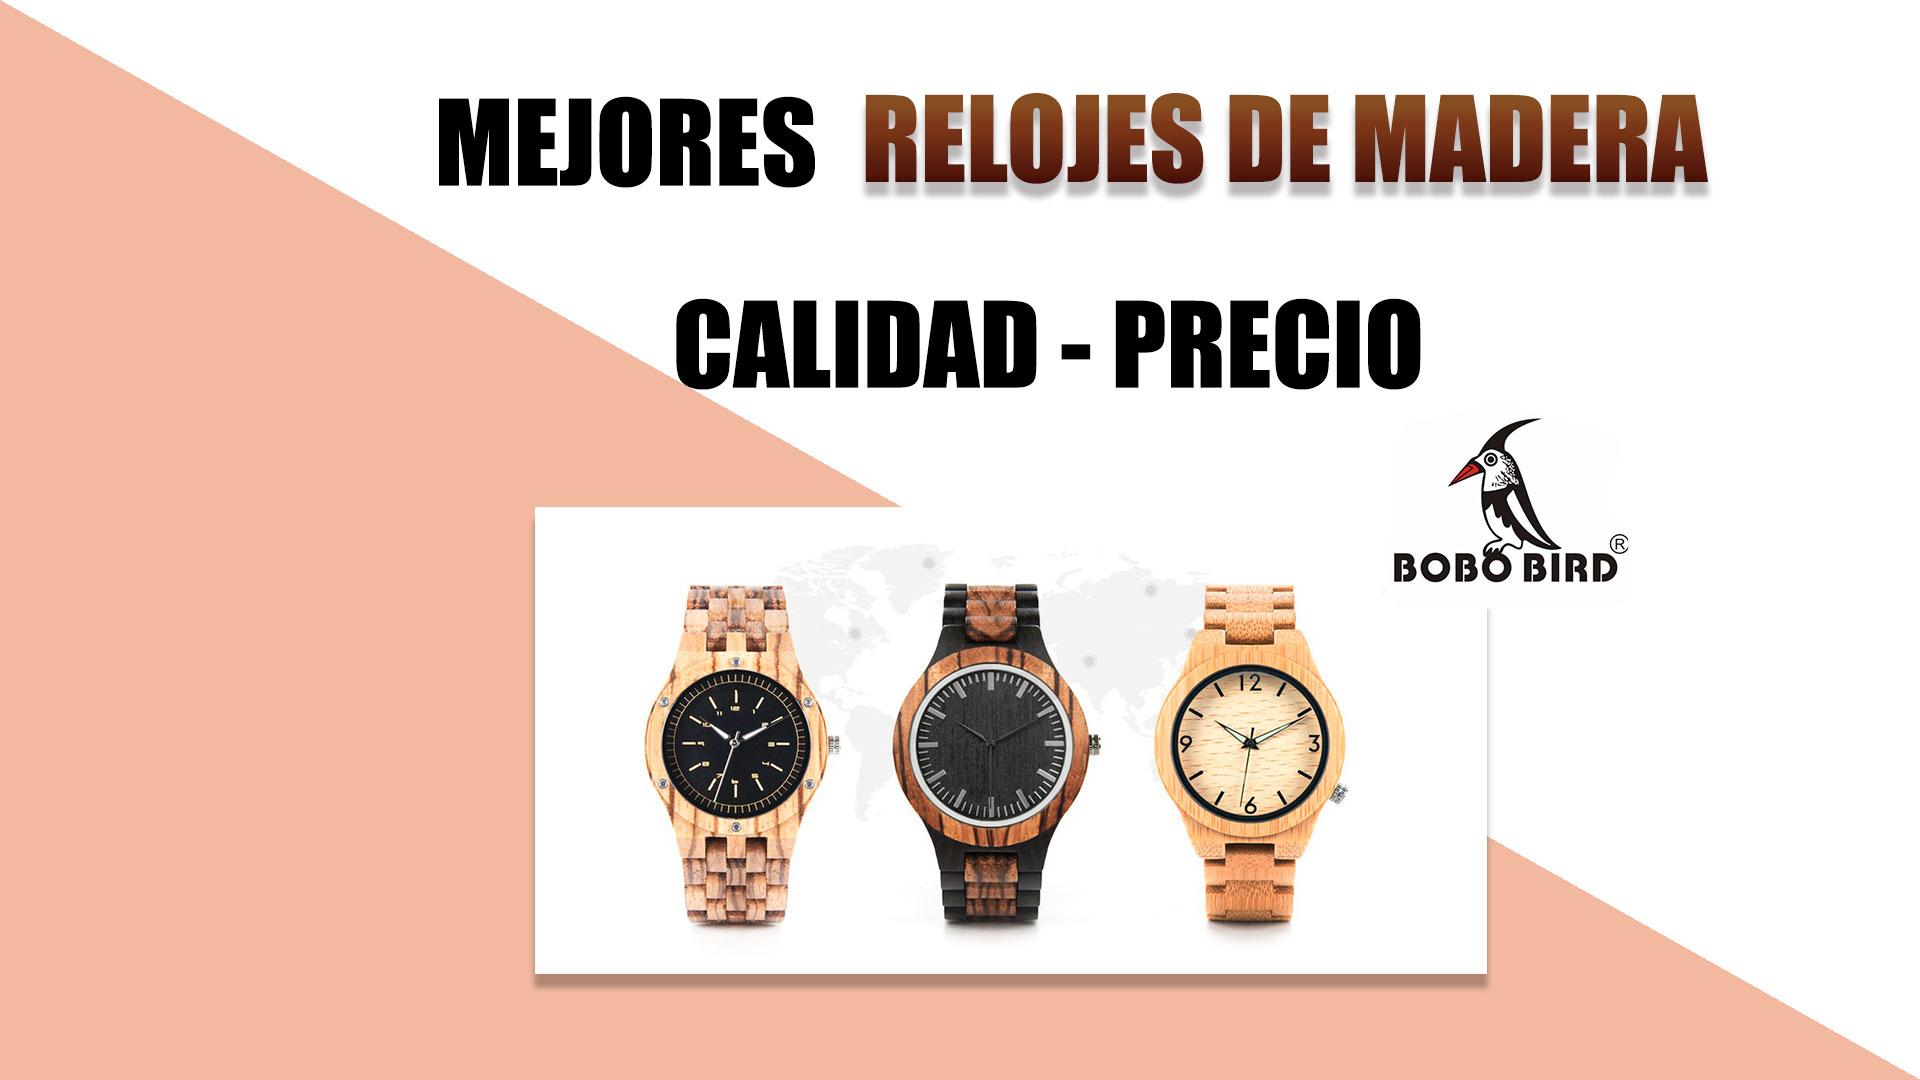 29b4ee33d32a Top mejores relojes de madera calidad precio de la actualidad  vídeo ...